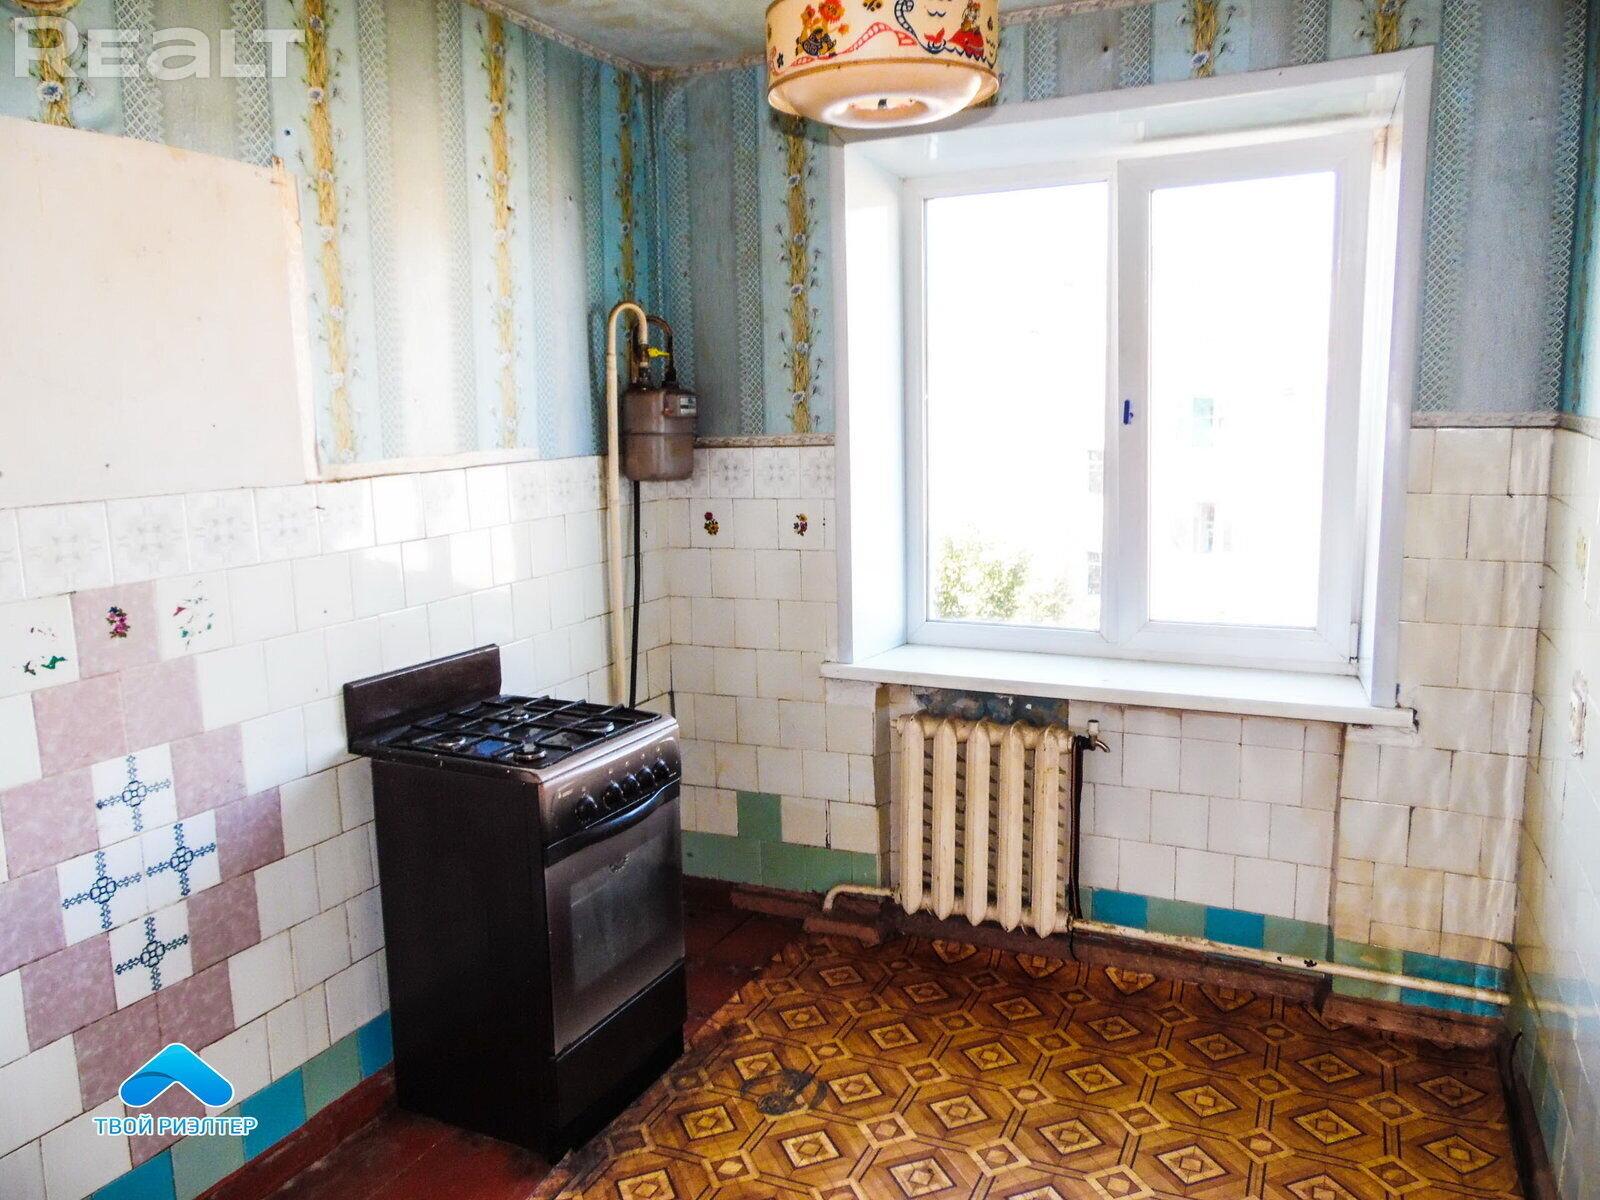 Продажа 1 комнатной квартиры в г. Мозыре, ул. Хоружей, дом 6. Цена 20 835 руб